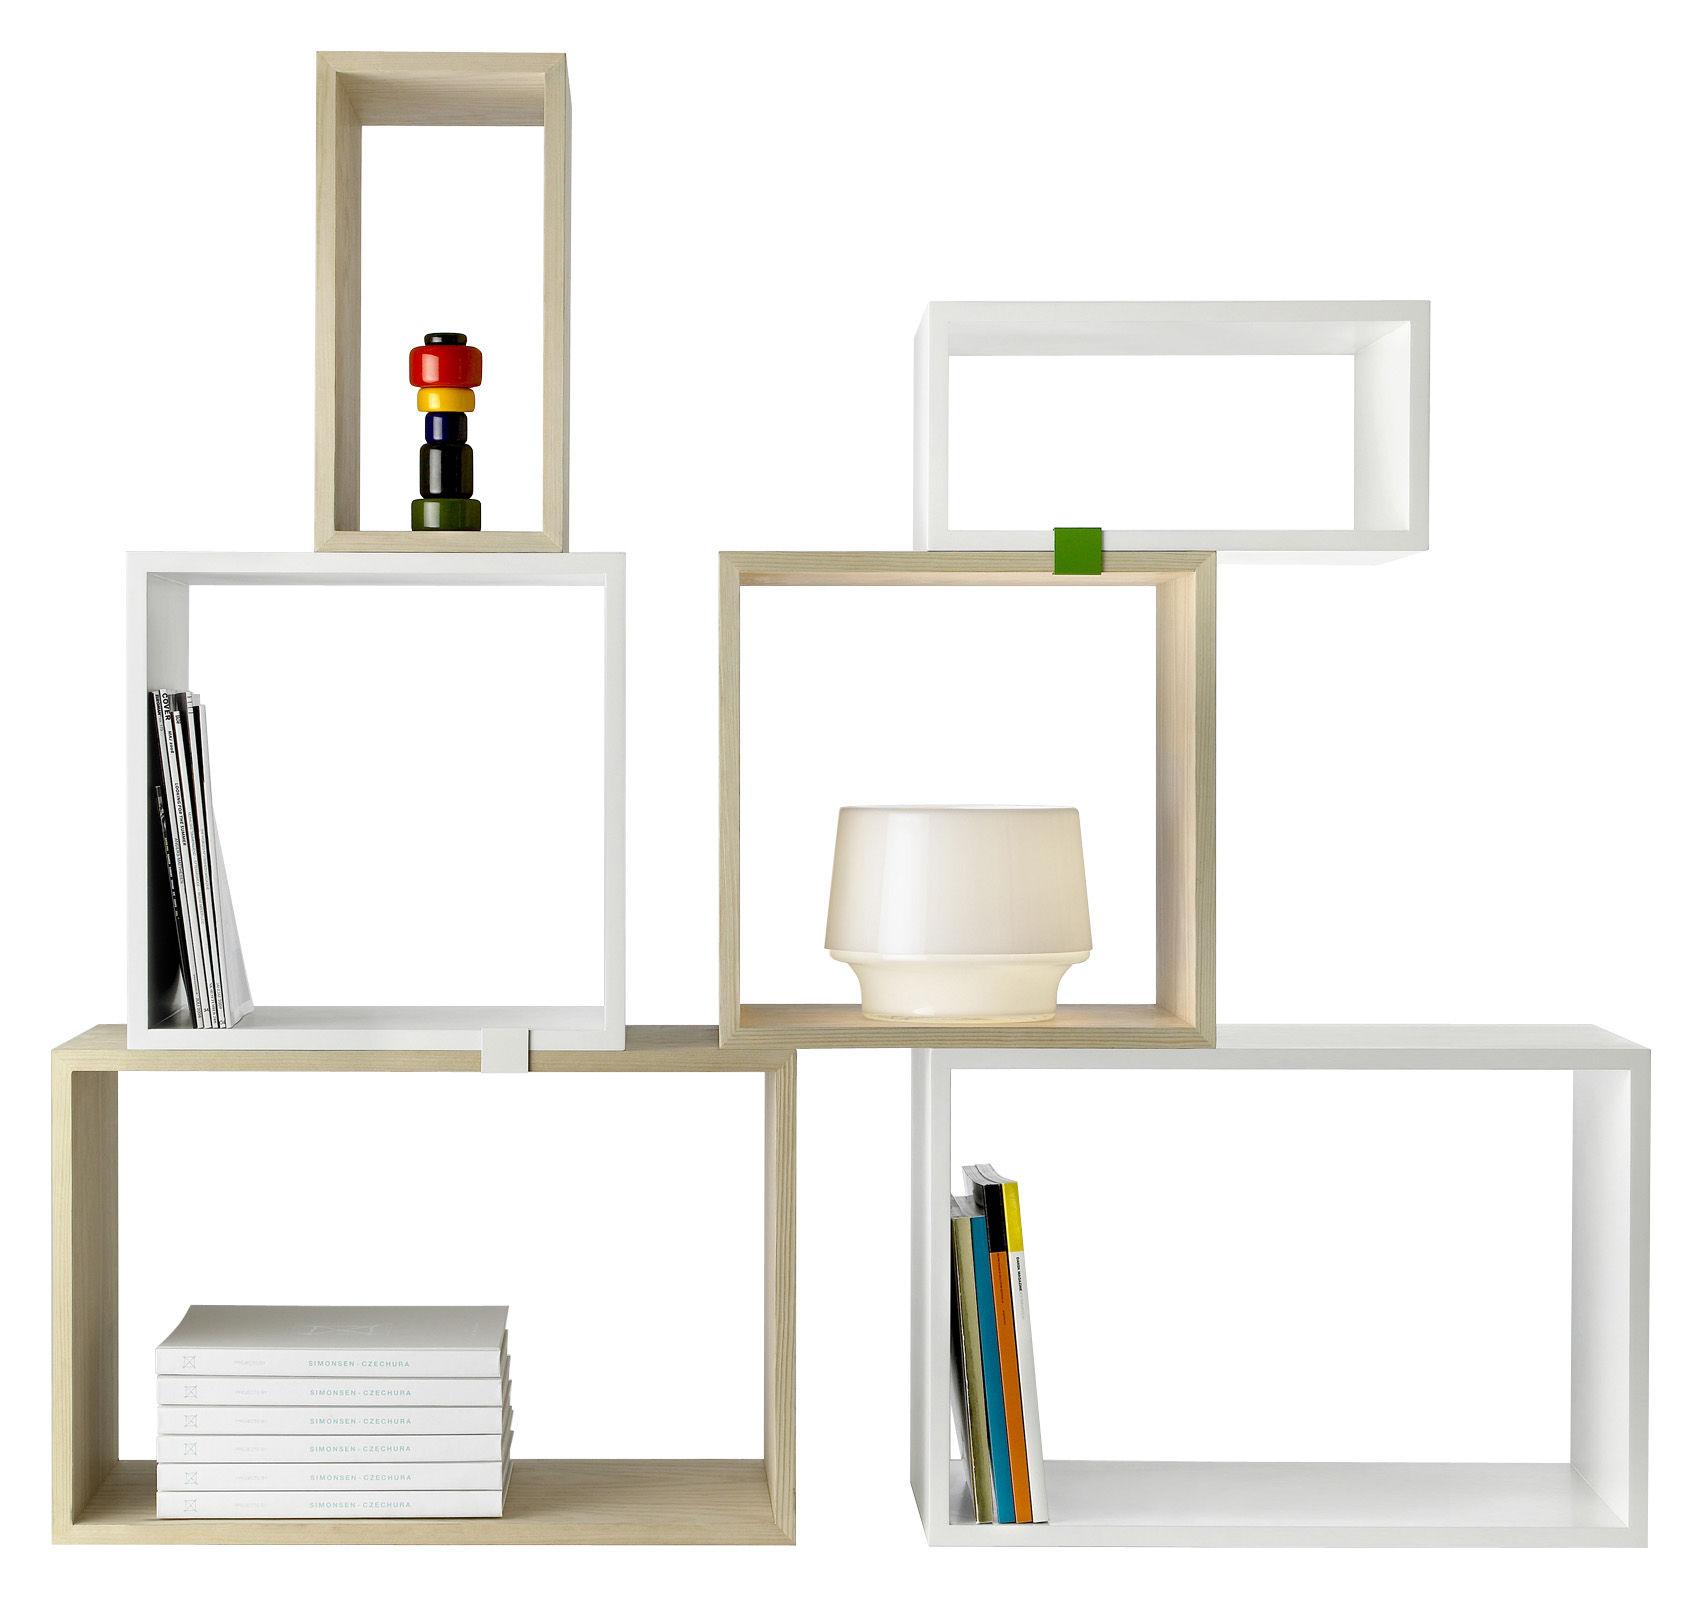 Möbel - Regale und Bücherregale - Stacked Regal großes rechteckiges Modul - Muuto - 65,4 x 43,6 cm - weiß - mitteldichte bemalte Holzfaserplatte